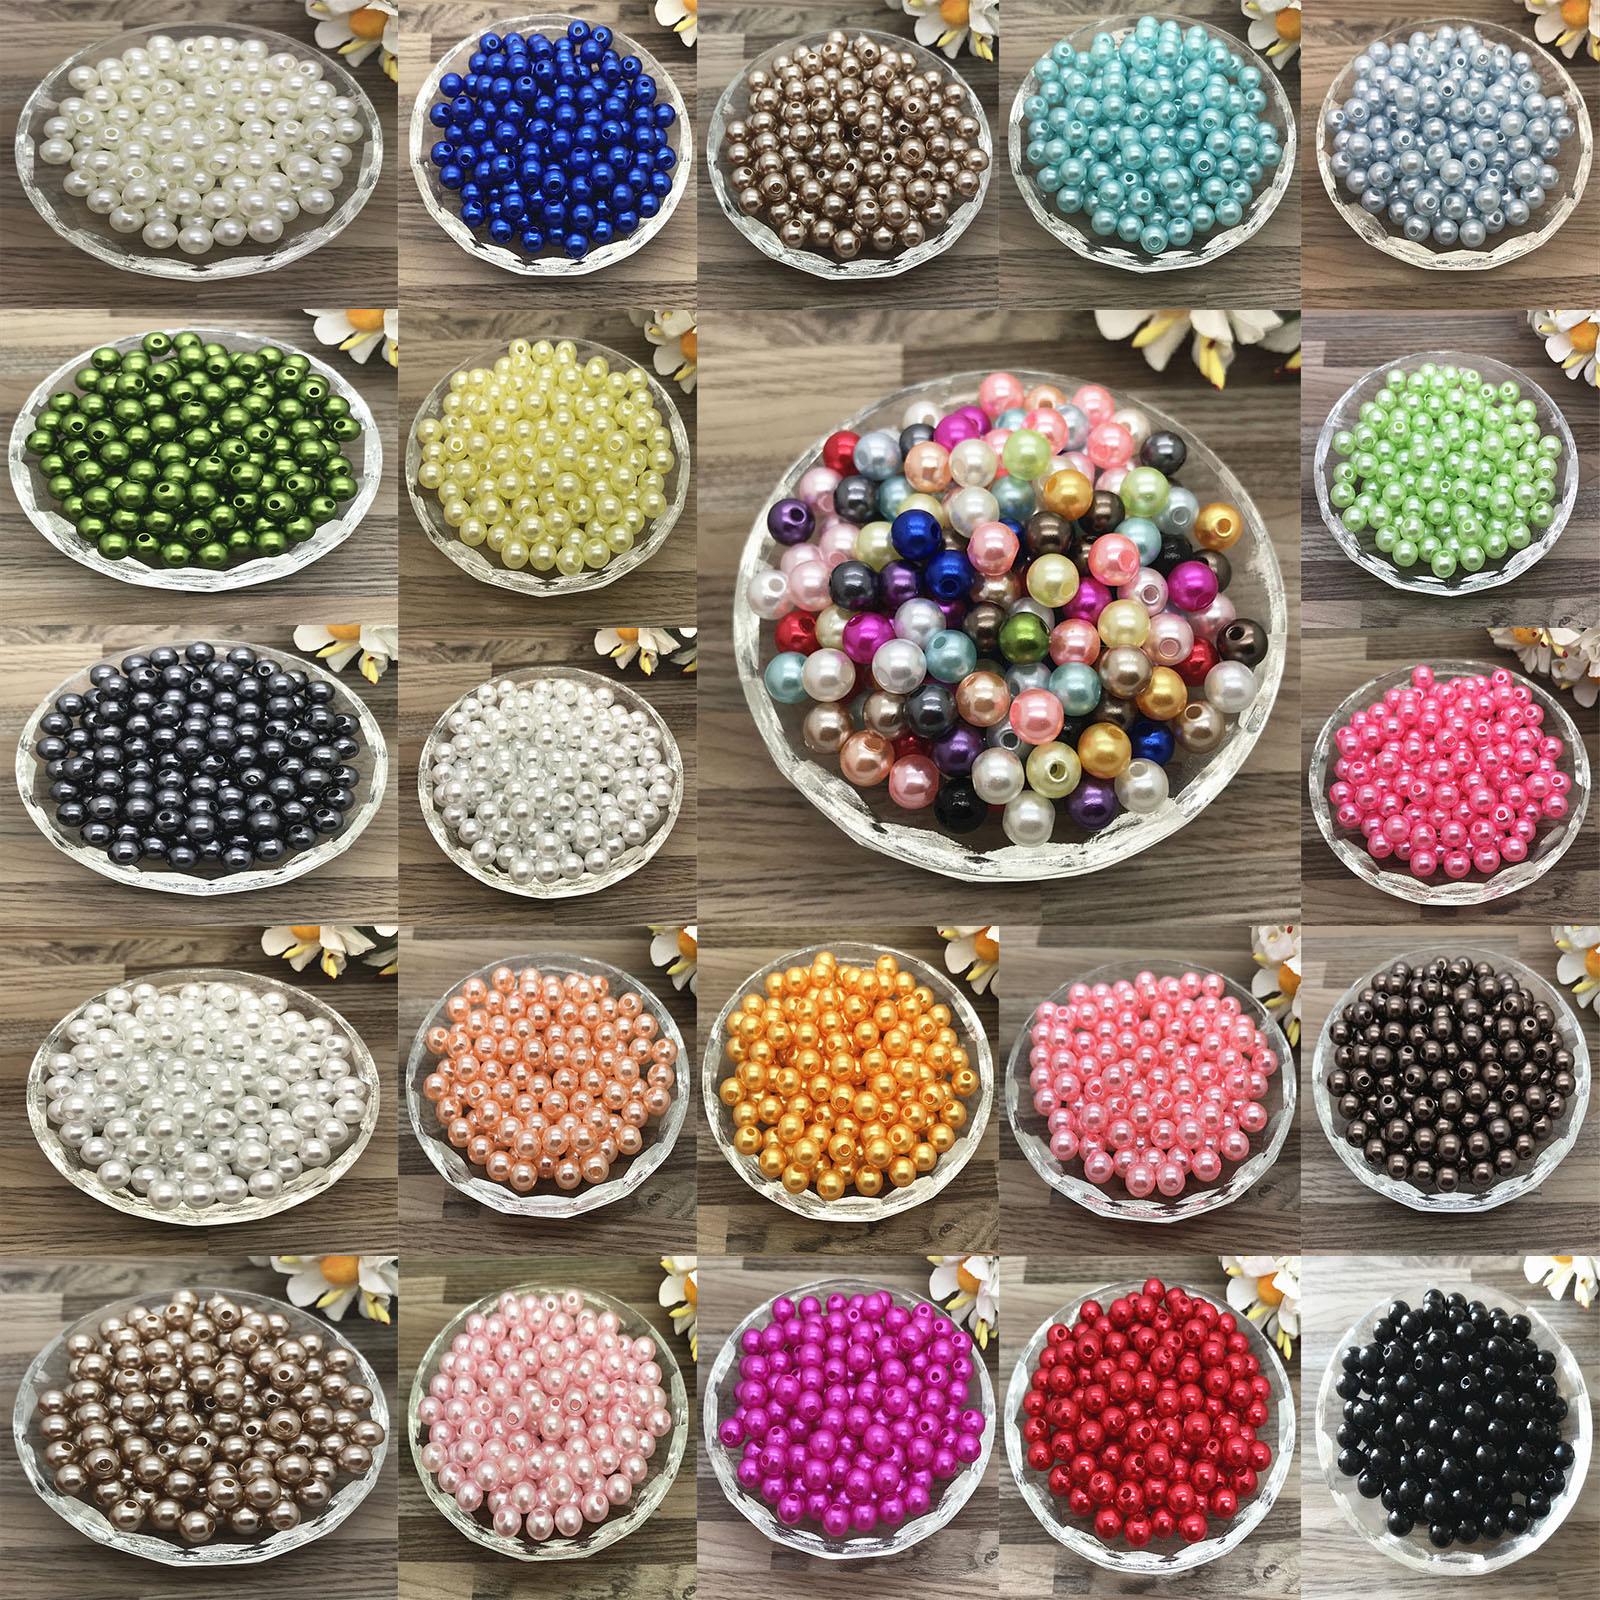 Акриловые жемчужные бусины, круглые бусины россыпью с отверстием, 4 мм, 6 мм, 8 мм, 10 мм, для изготовления ювелирных изделий «сделай сам»